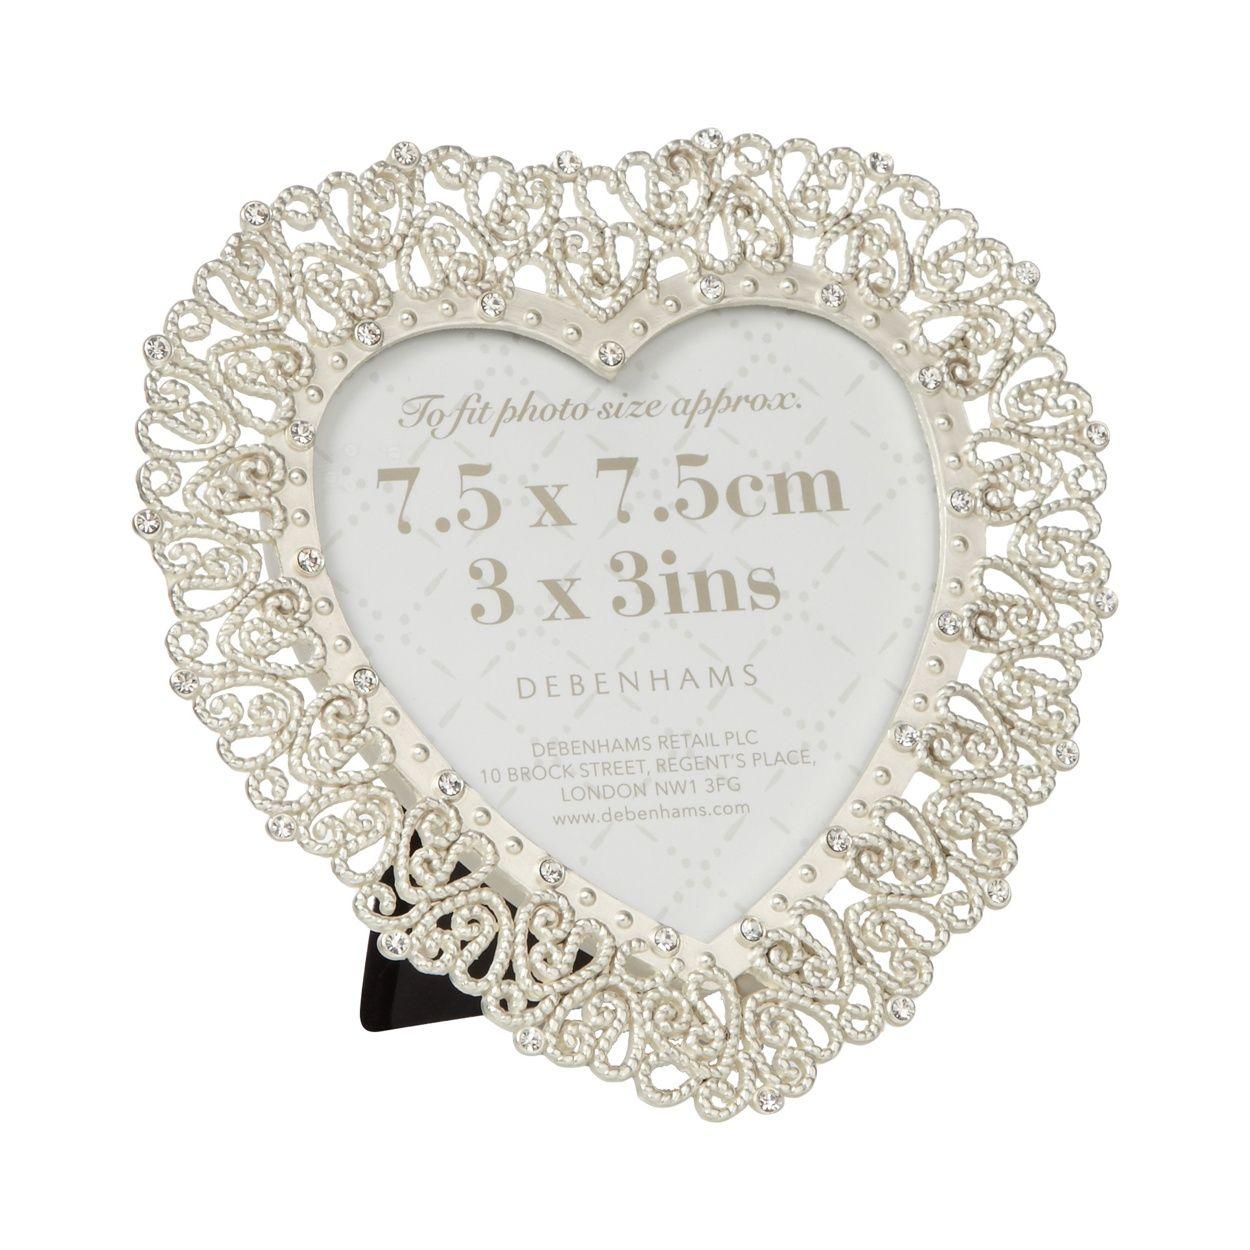 Debenhams Silver diamante heart photo frame- at Debenhams.com   Home ...